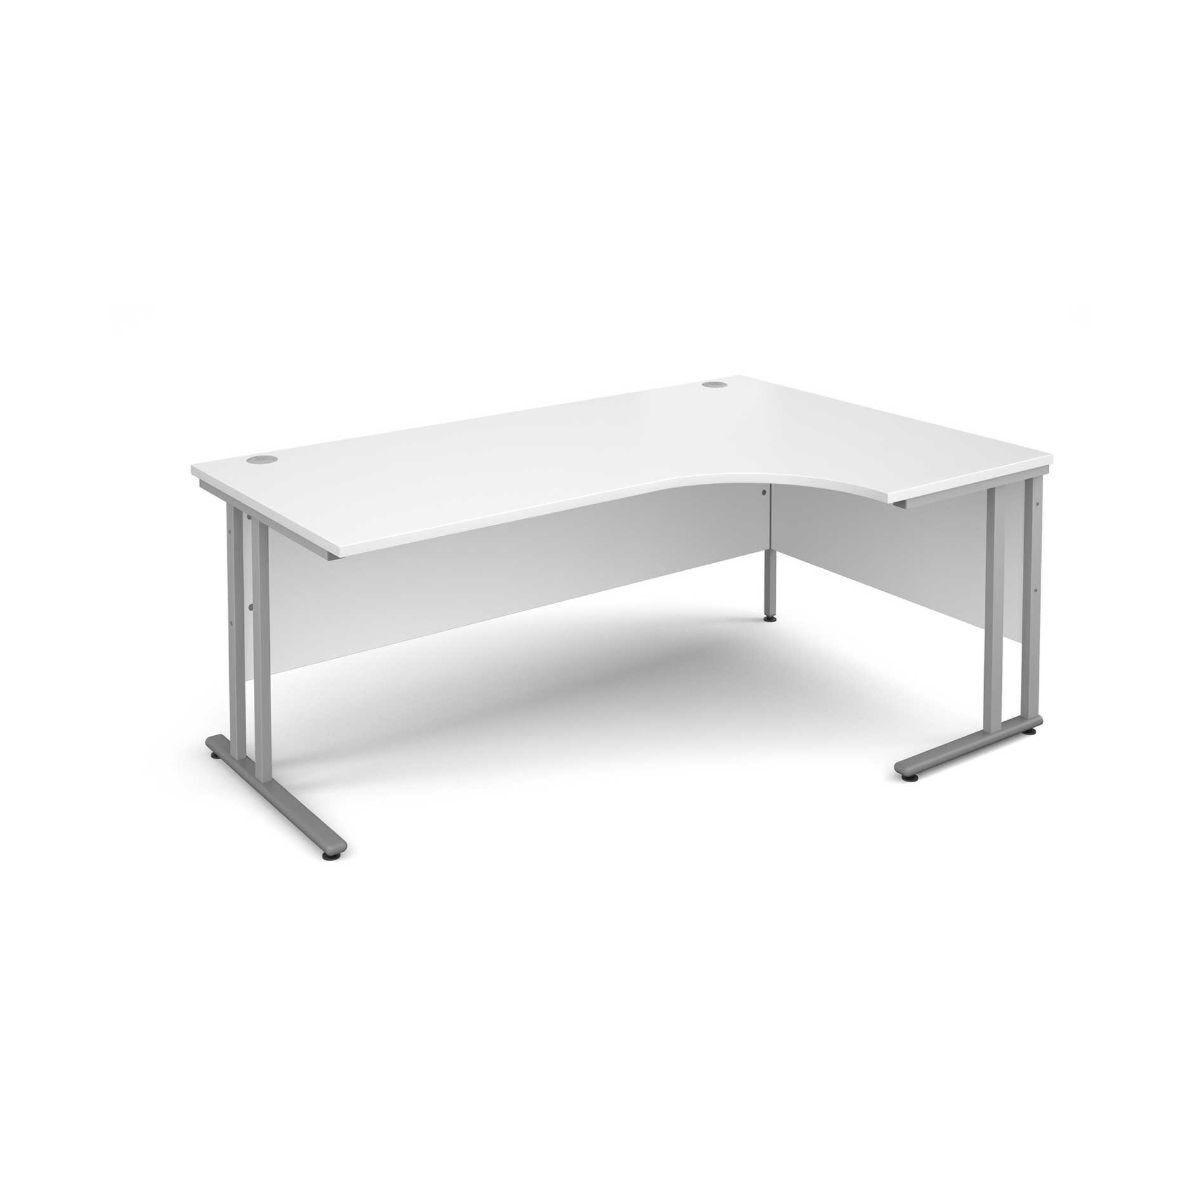 Maestro 25 Right Hand Ergonomic 1800 Desk with Silver Legs  White